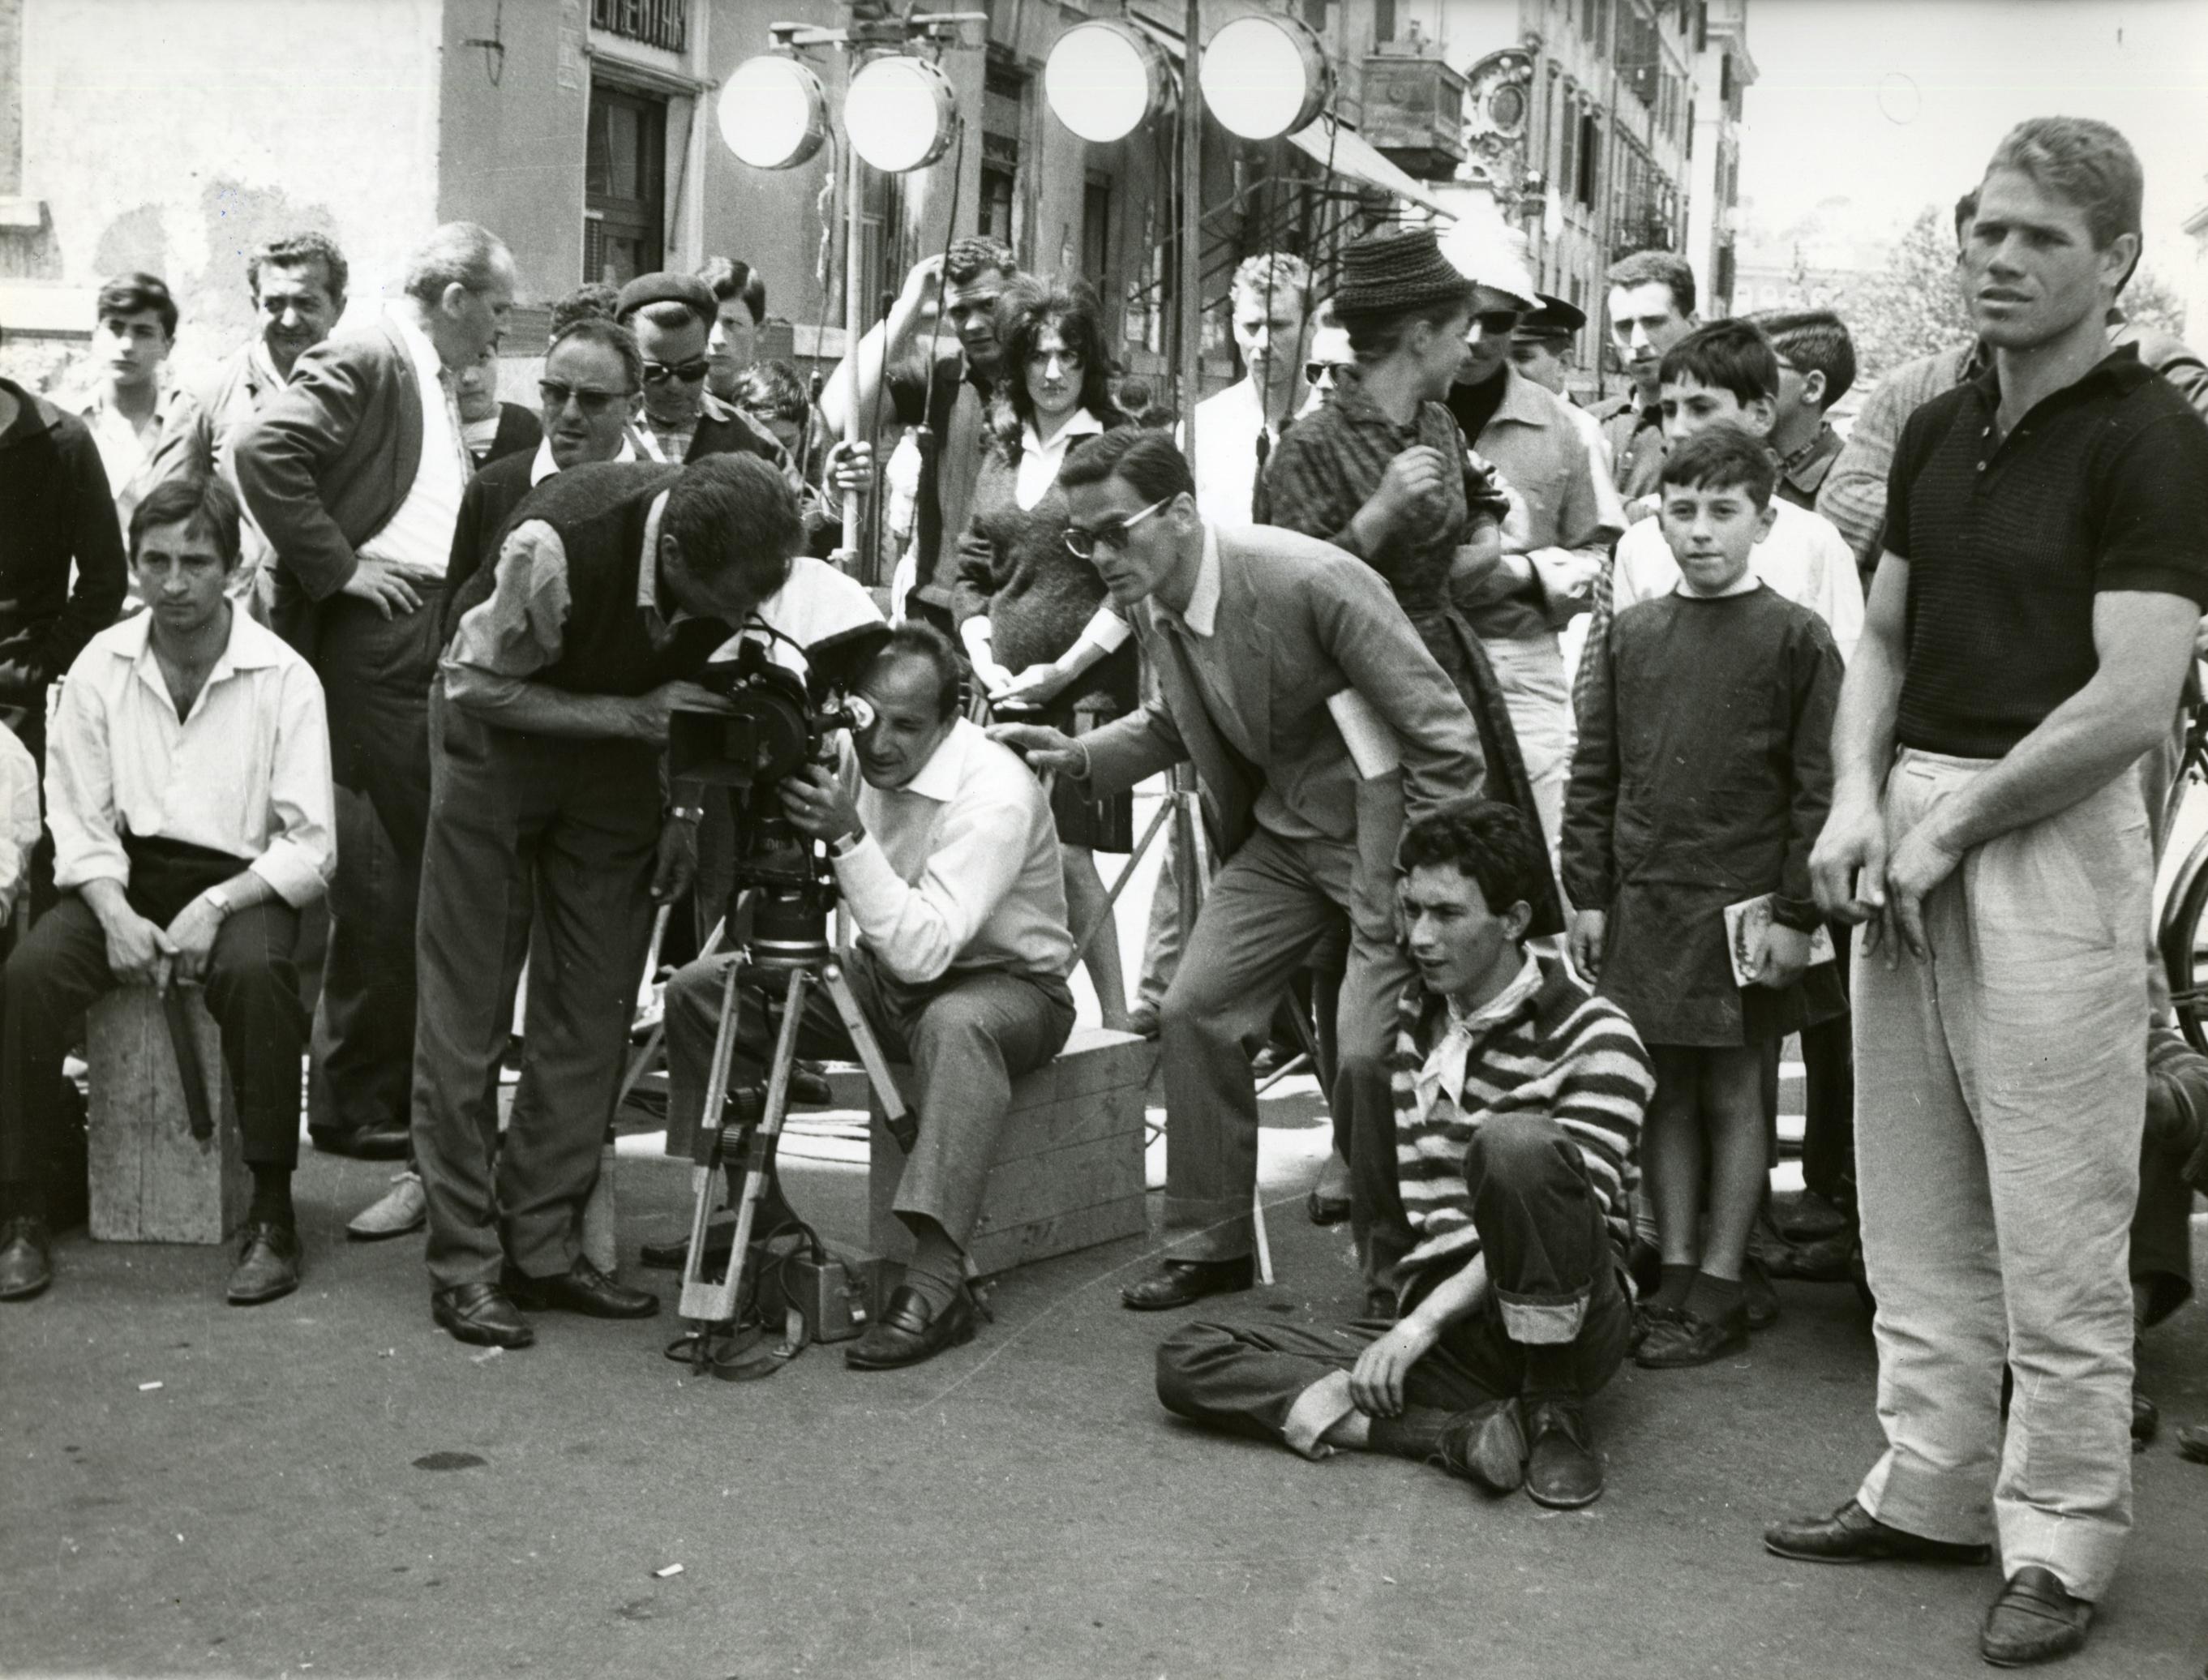 Photographie de tournage, Accattone (Pier Paolo Pasolini), DR